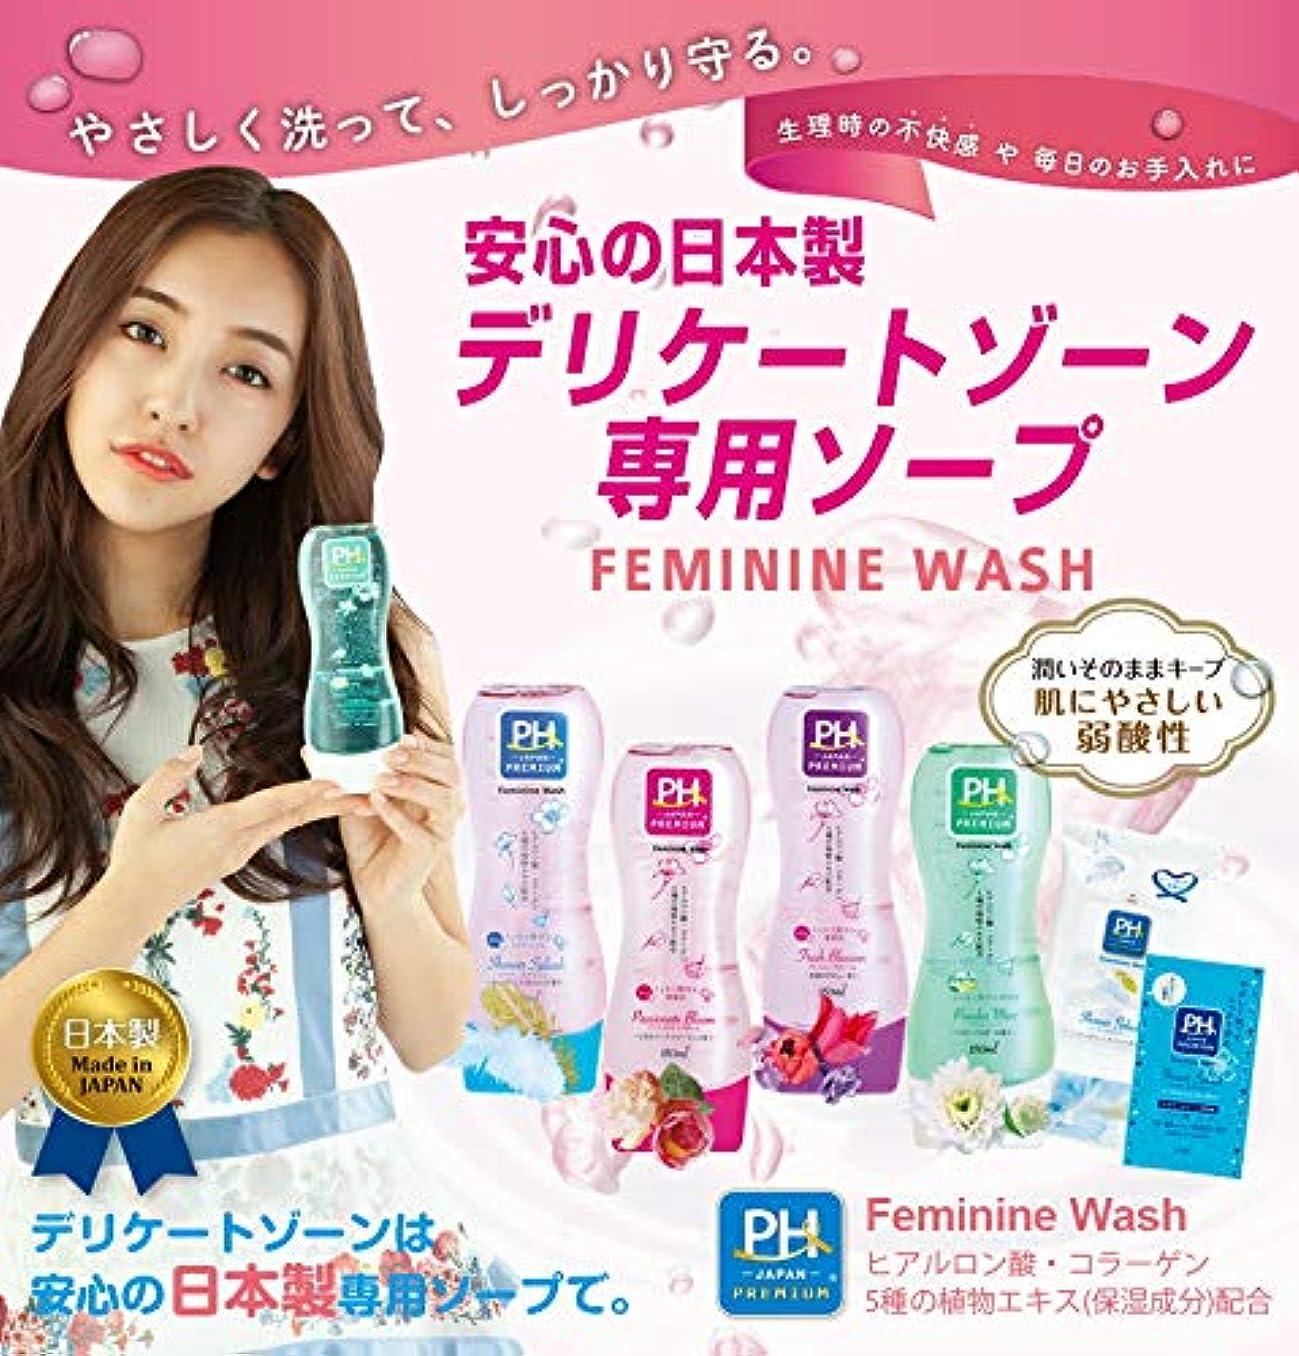 コウモリ克服する摂氏度パウダーミント4本セット PH JAPAN フェミニンウォッシュ ベビーパウダーの香り